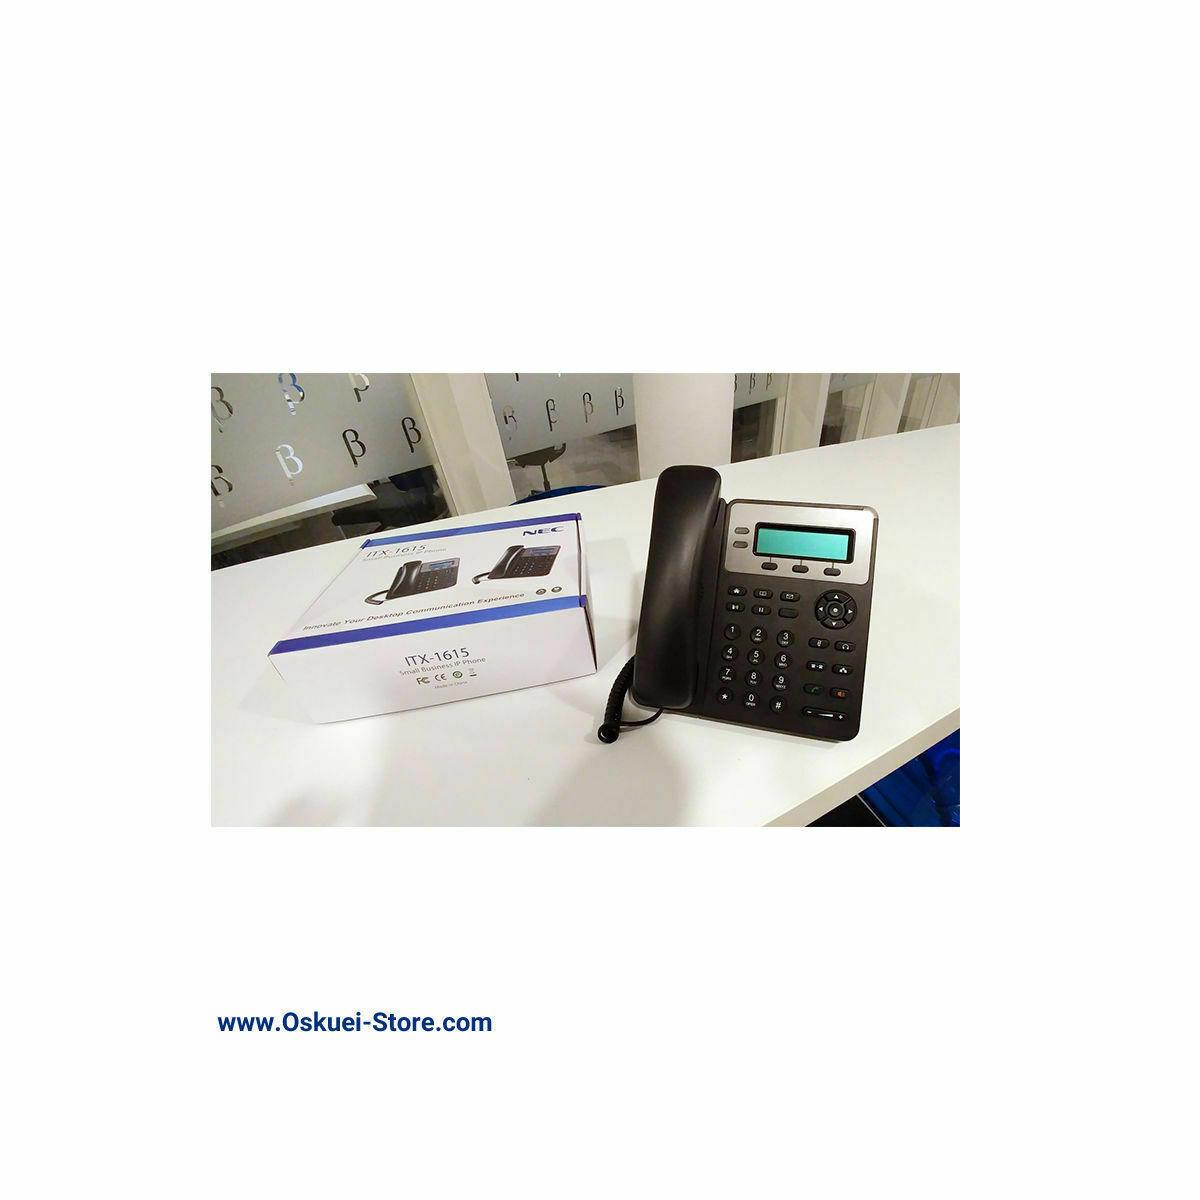 NEC ITX-1615-1W(BK)TEL